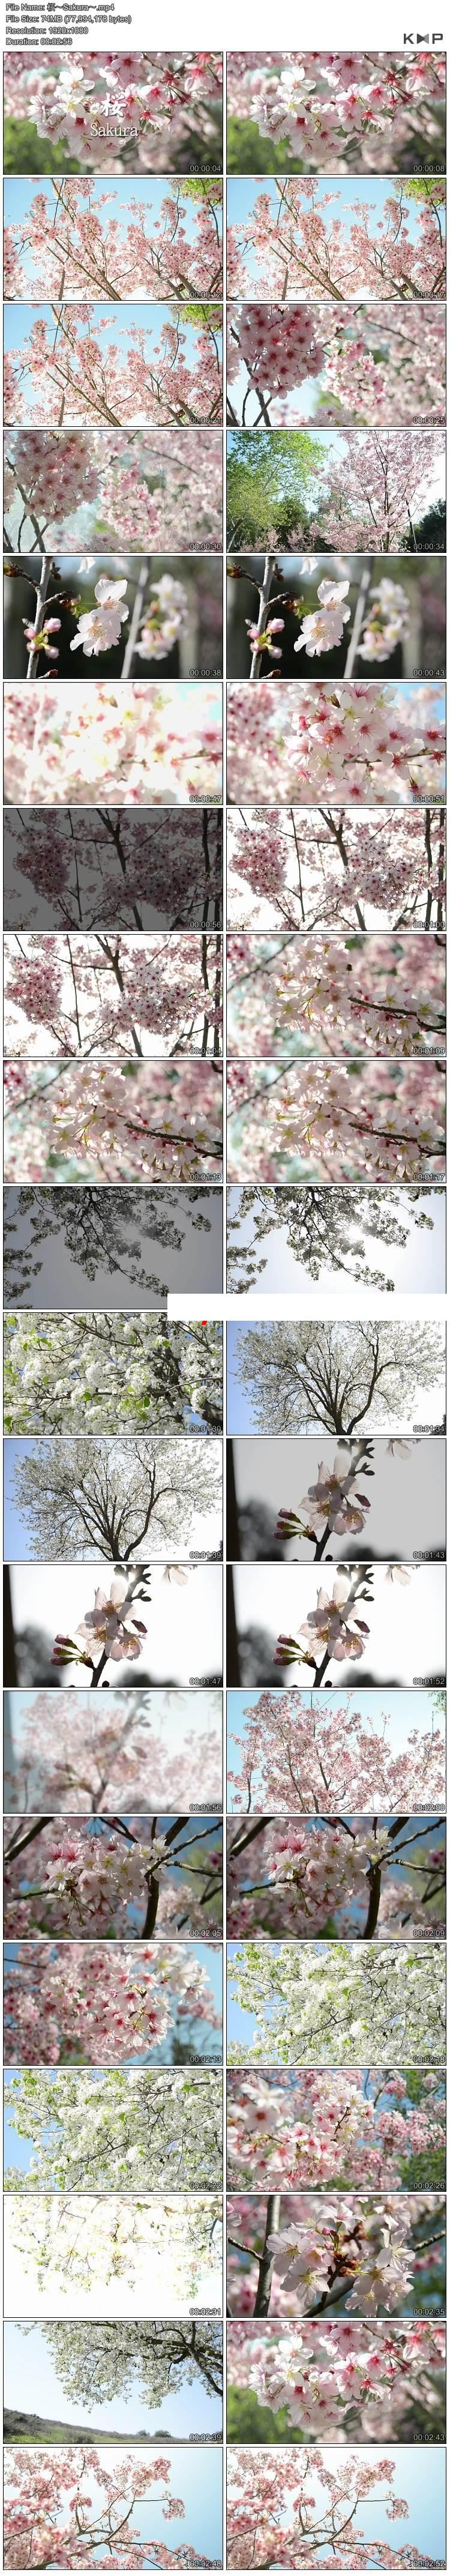 高清实拍桃花樱花盛开花园花海枝头特写桃花盛开开放花蕾视频素材